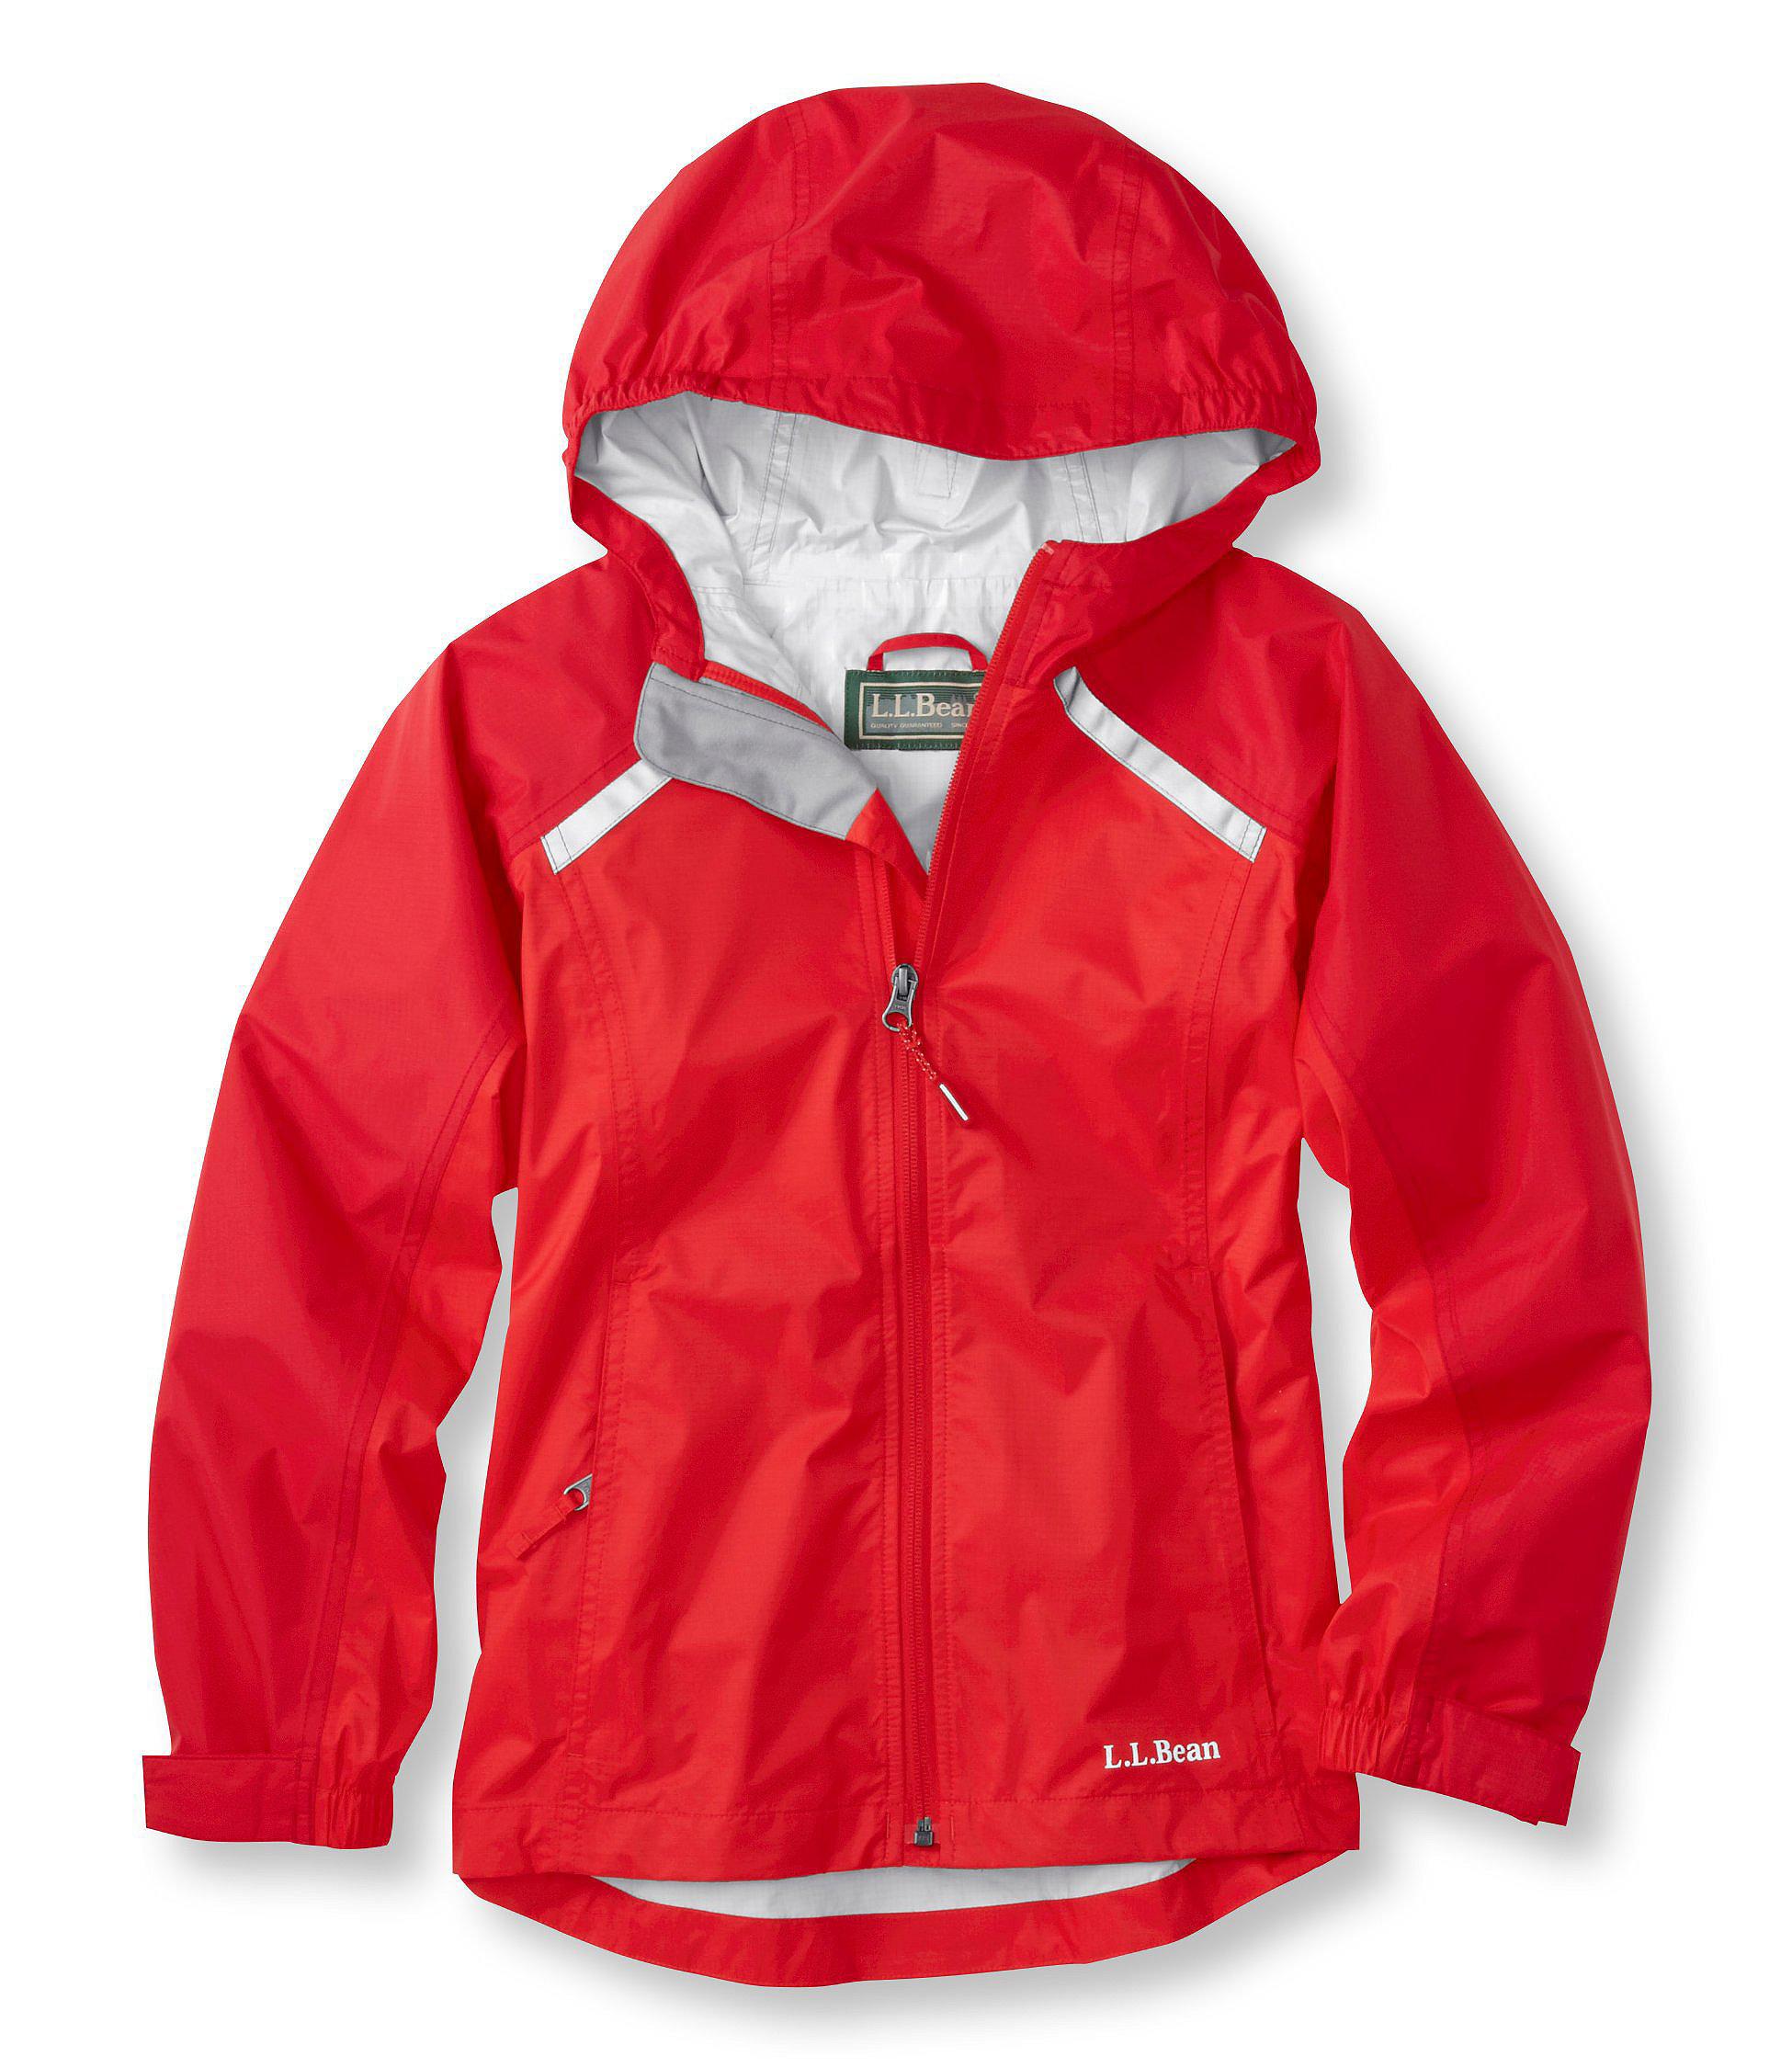 Kids' Trail Model Rain Jacket | Free Shipping at L.L.Bean